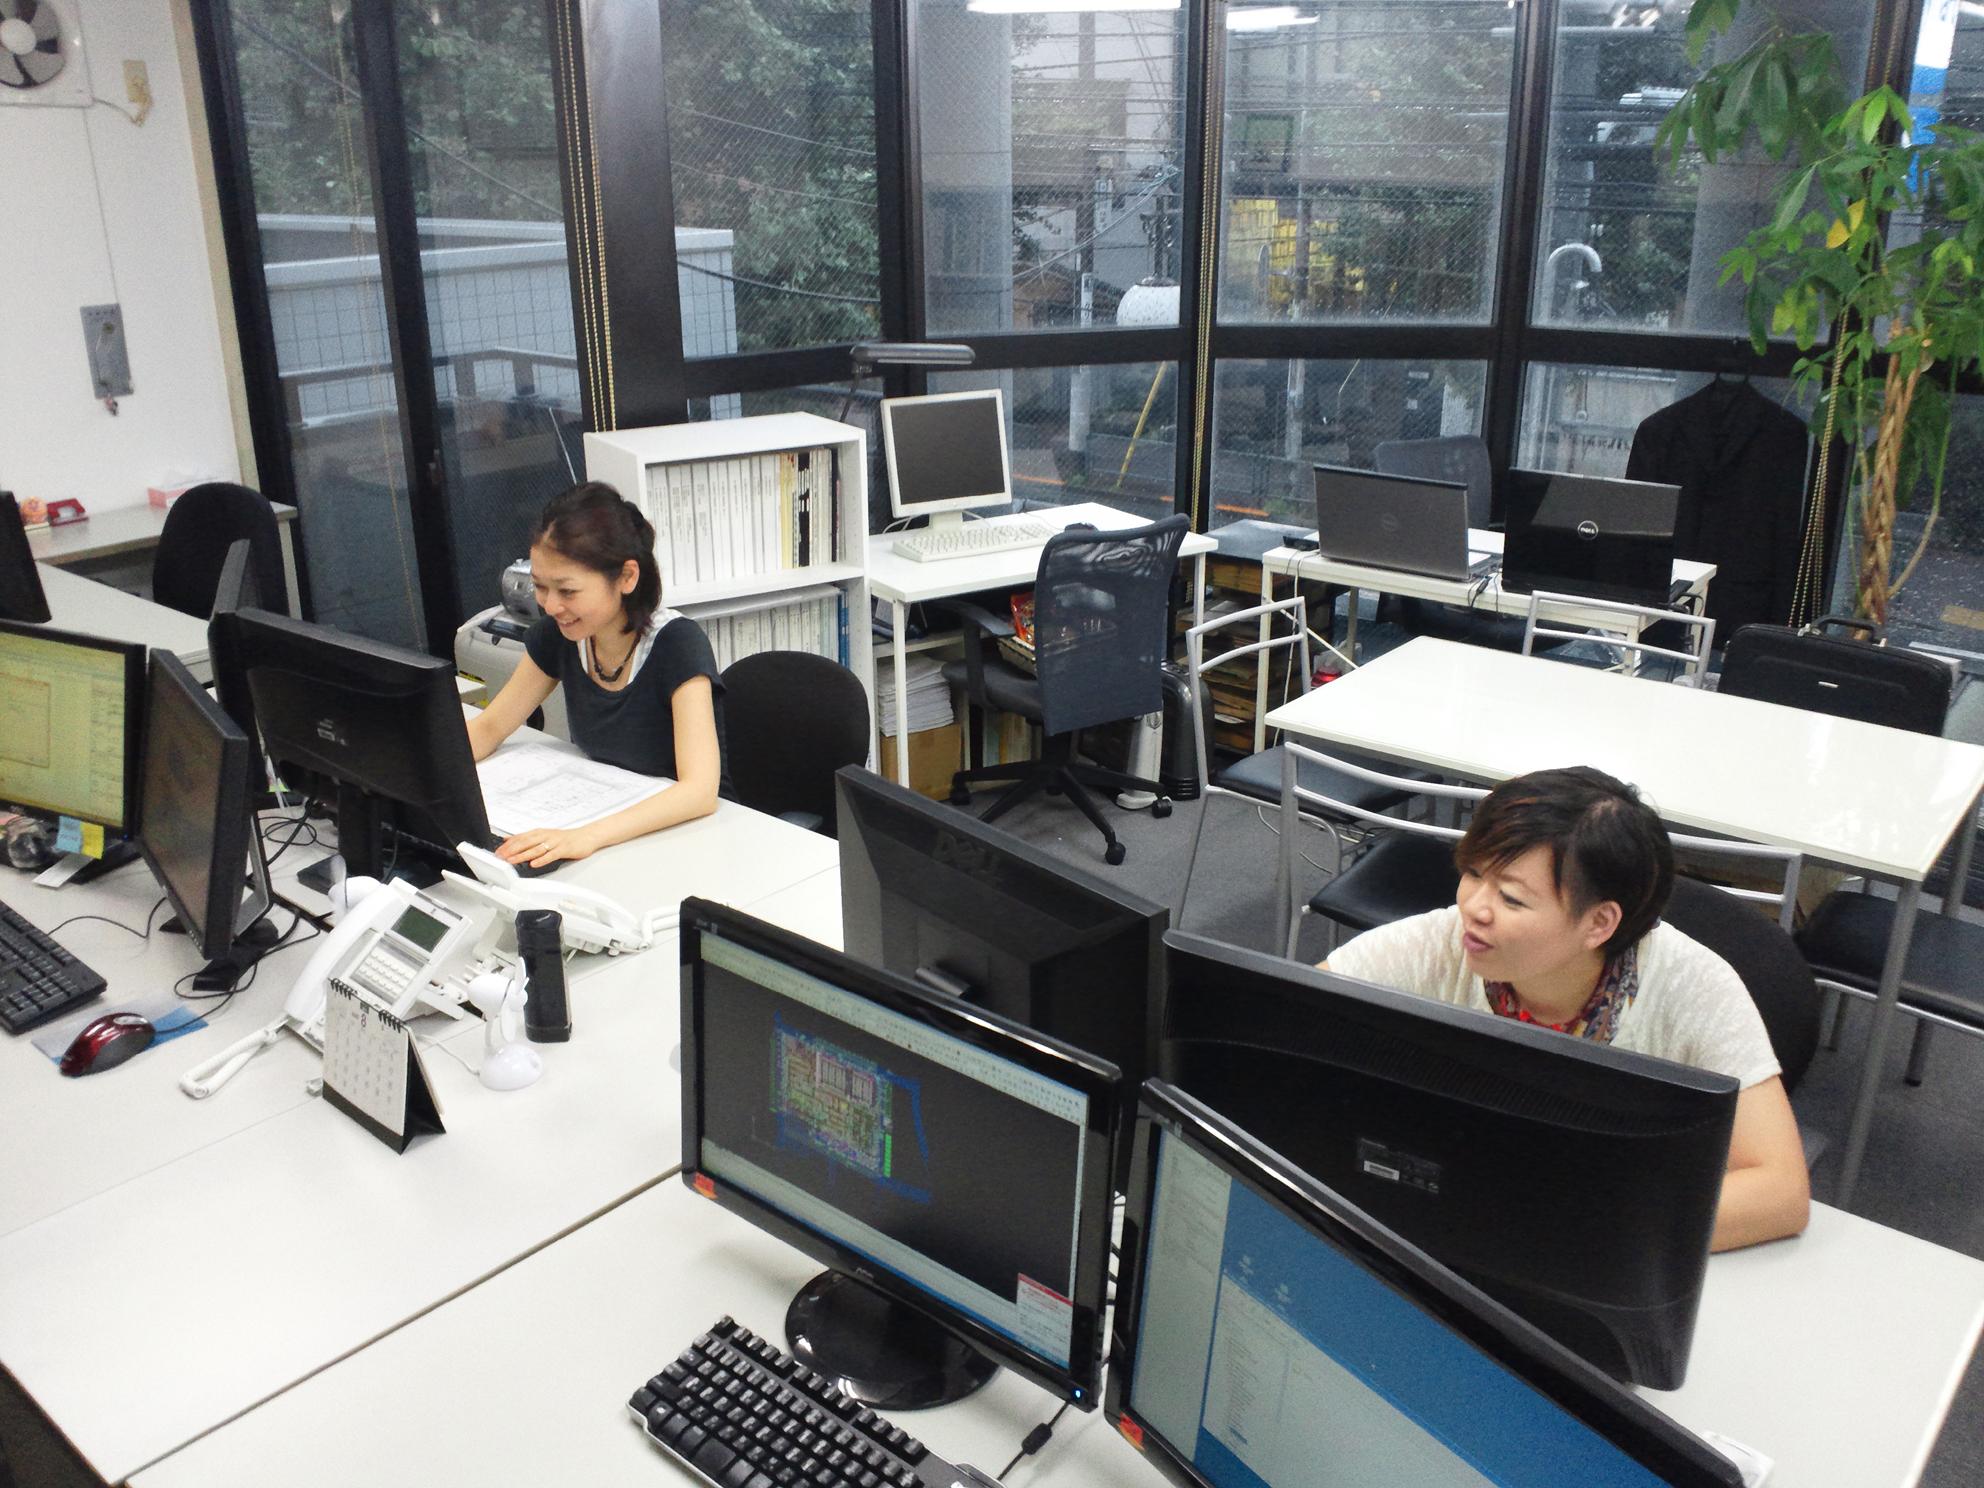 アトリエモア事務所内観(2台画面による作業性向上を図っています)